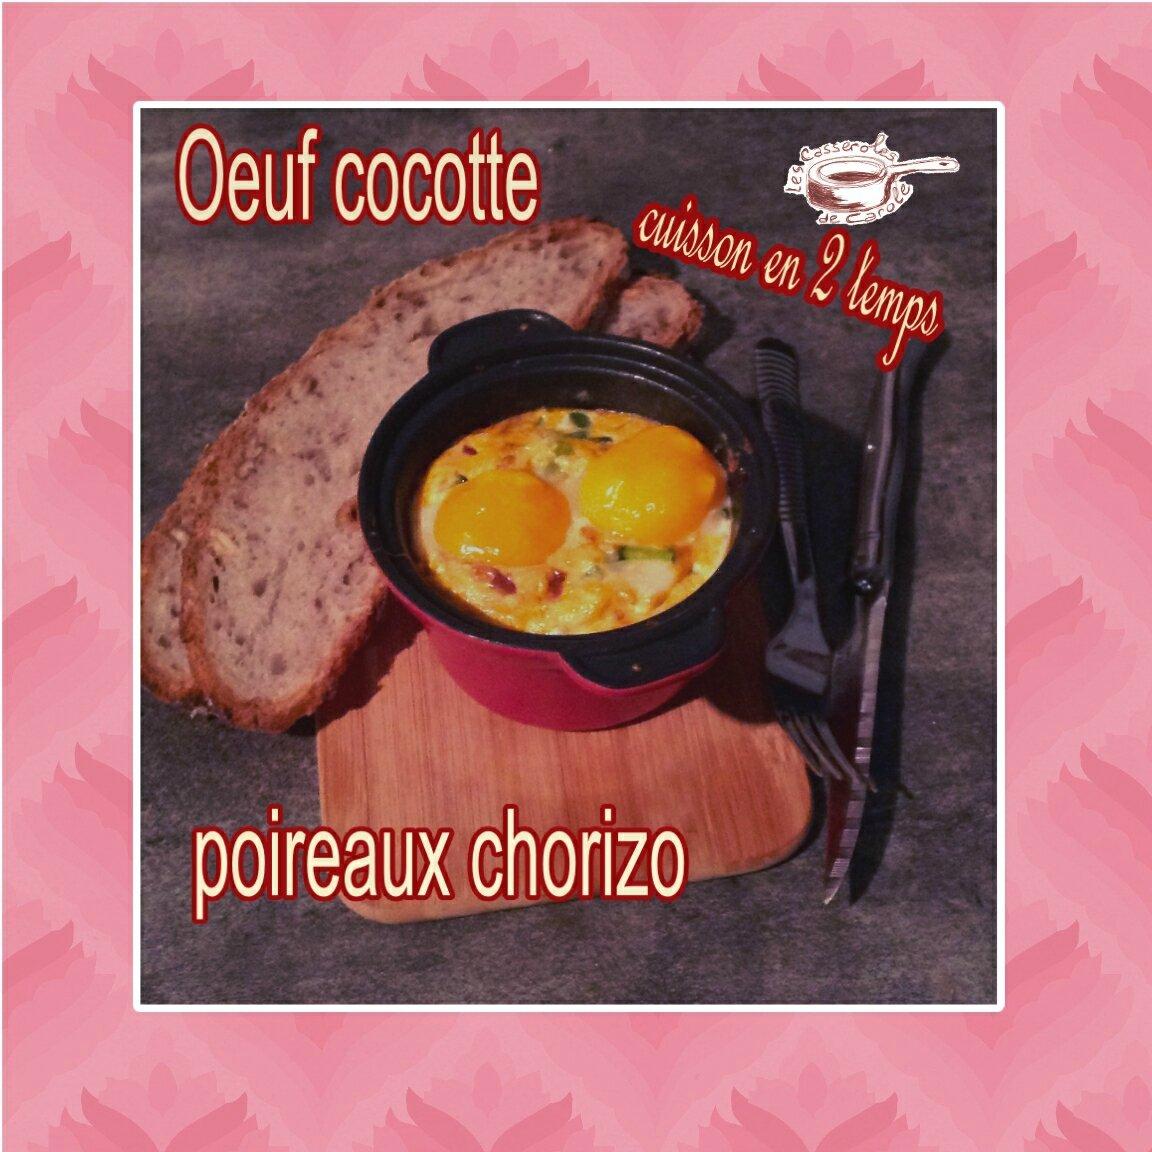 Oeuf cocotte poireaux chorizo cuisson en deux temps les casseroles de carole - Temps de cuisson oeuf ...